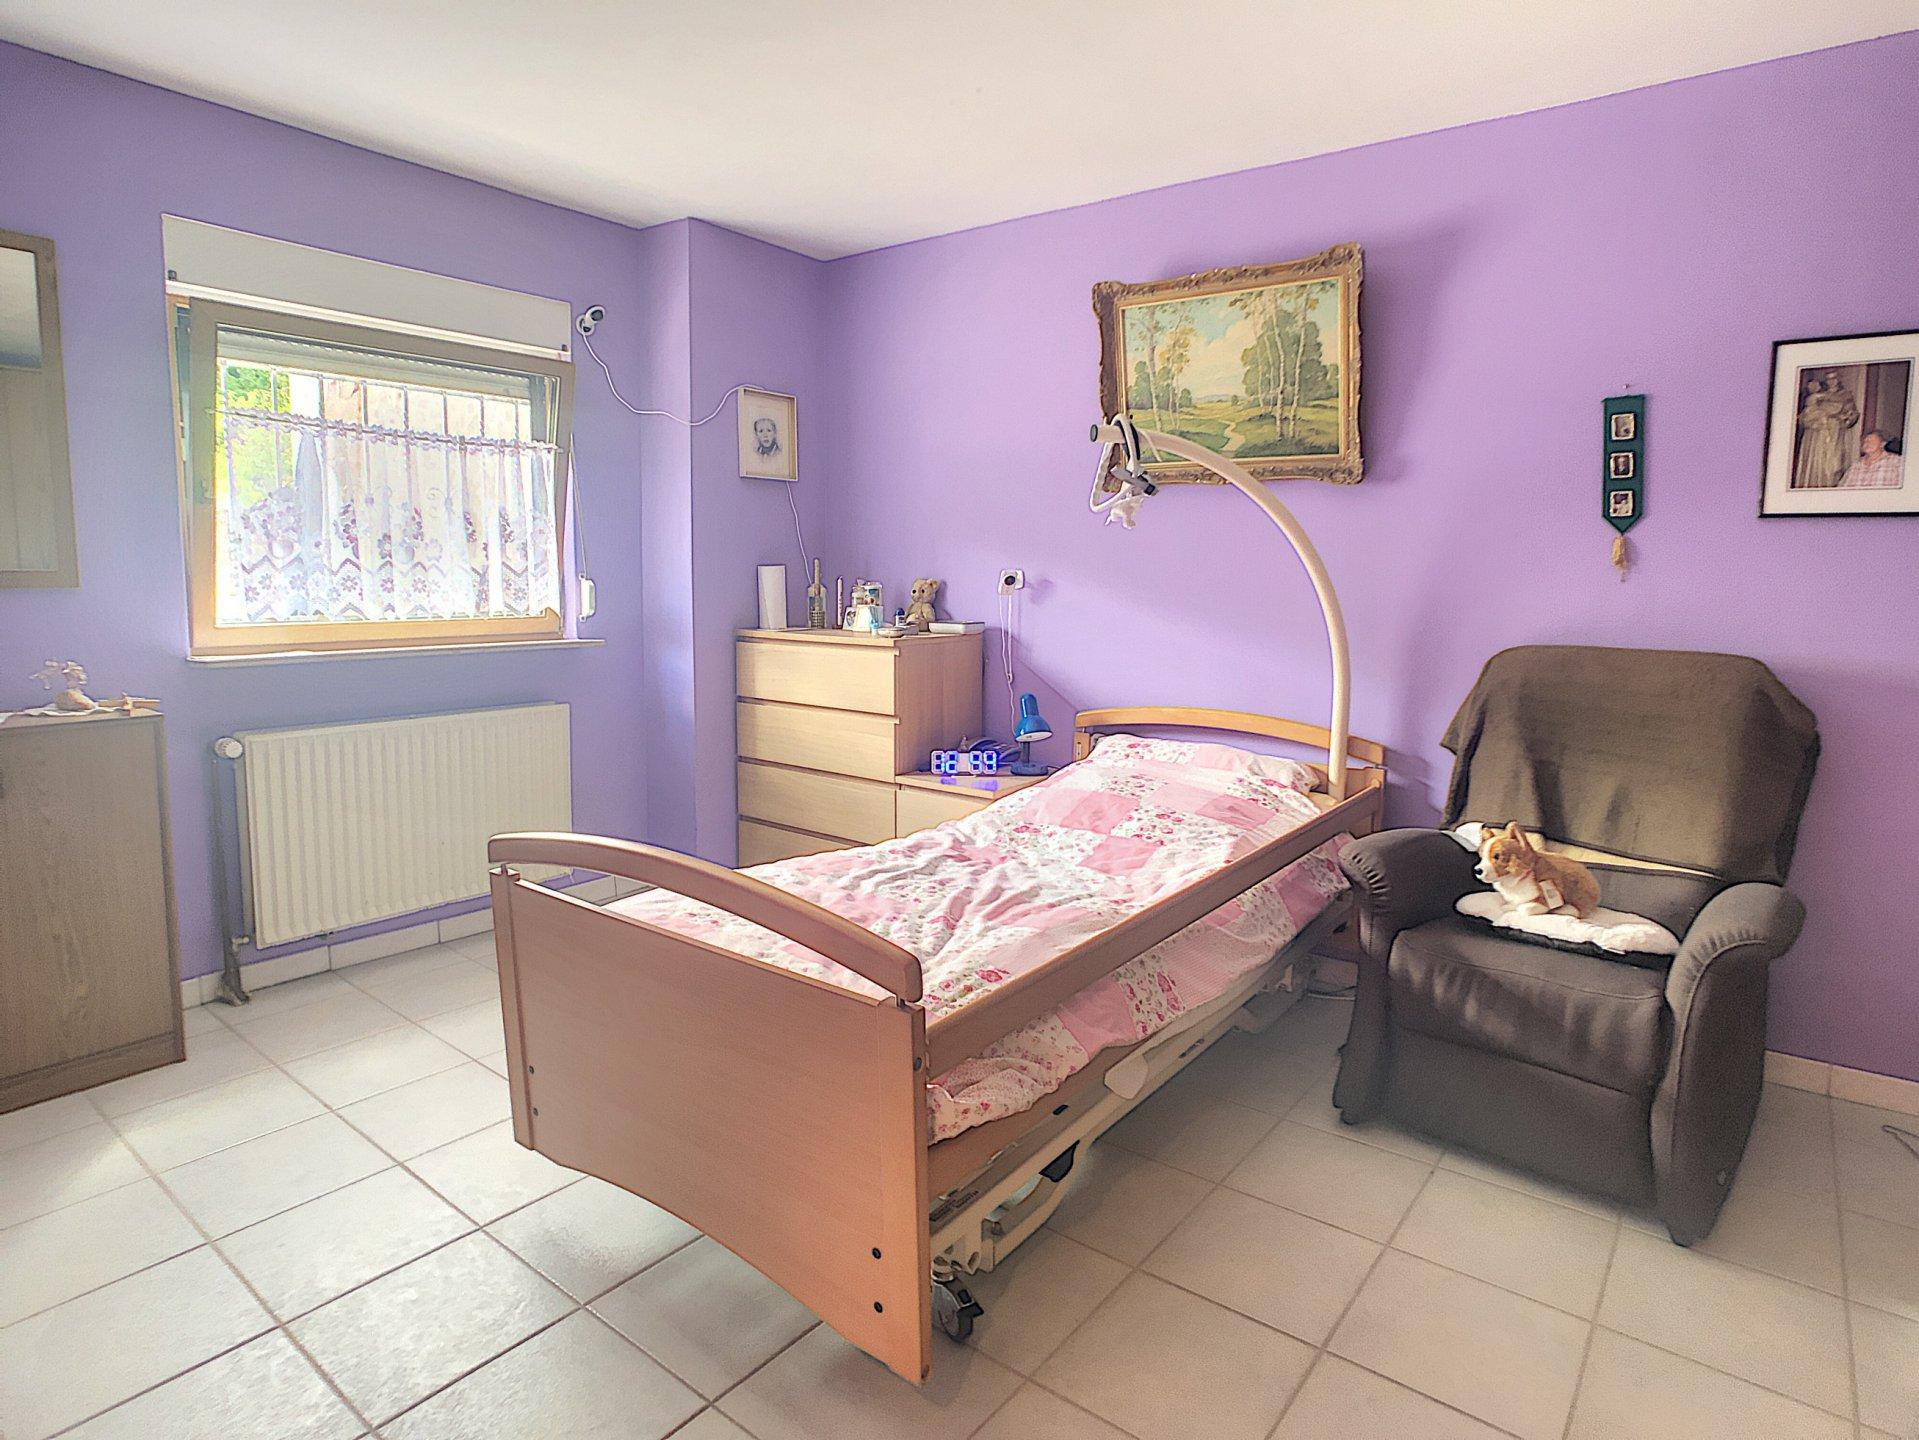 Sale House - Esch-sur-Alzette - Luxembourg